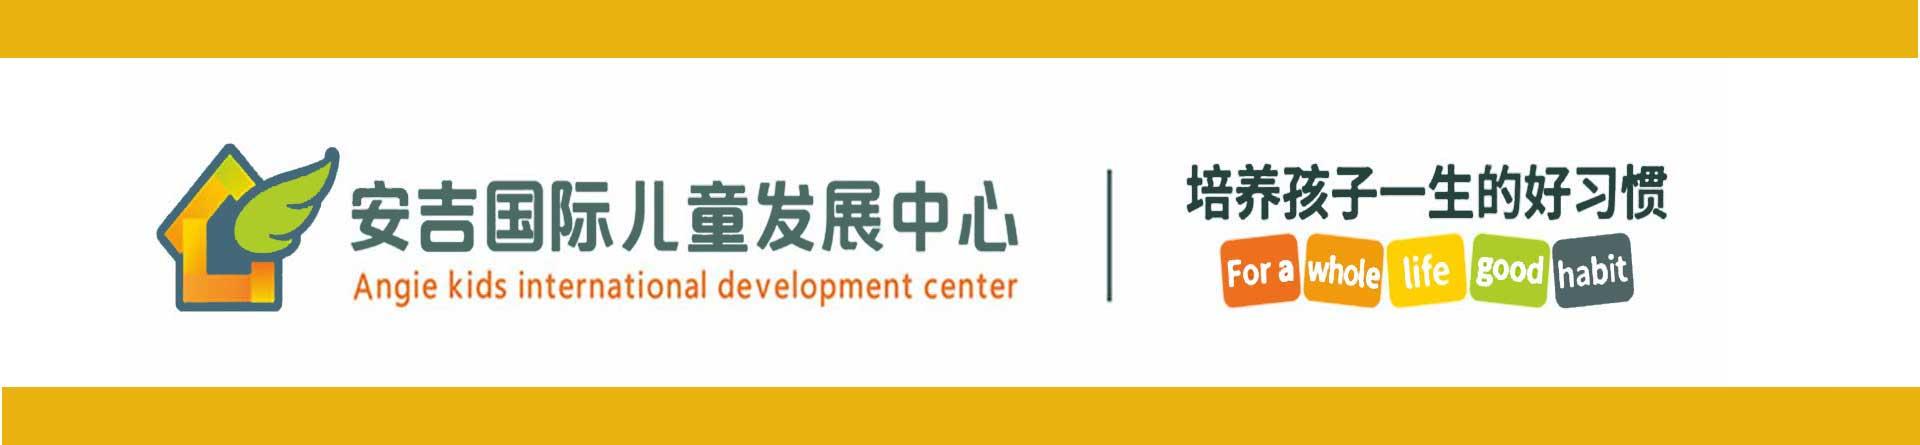 郑州安吉国际儿童发展中心